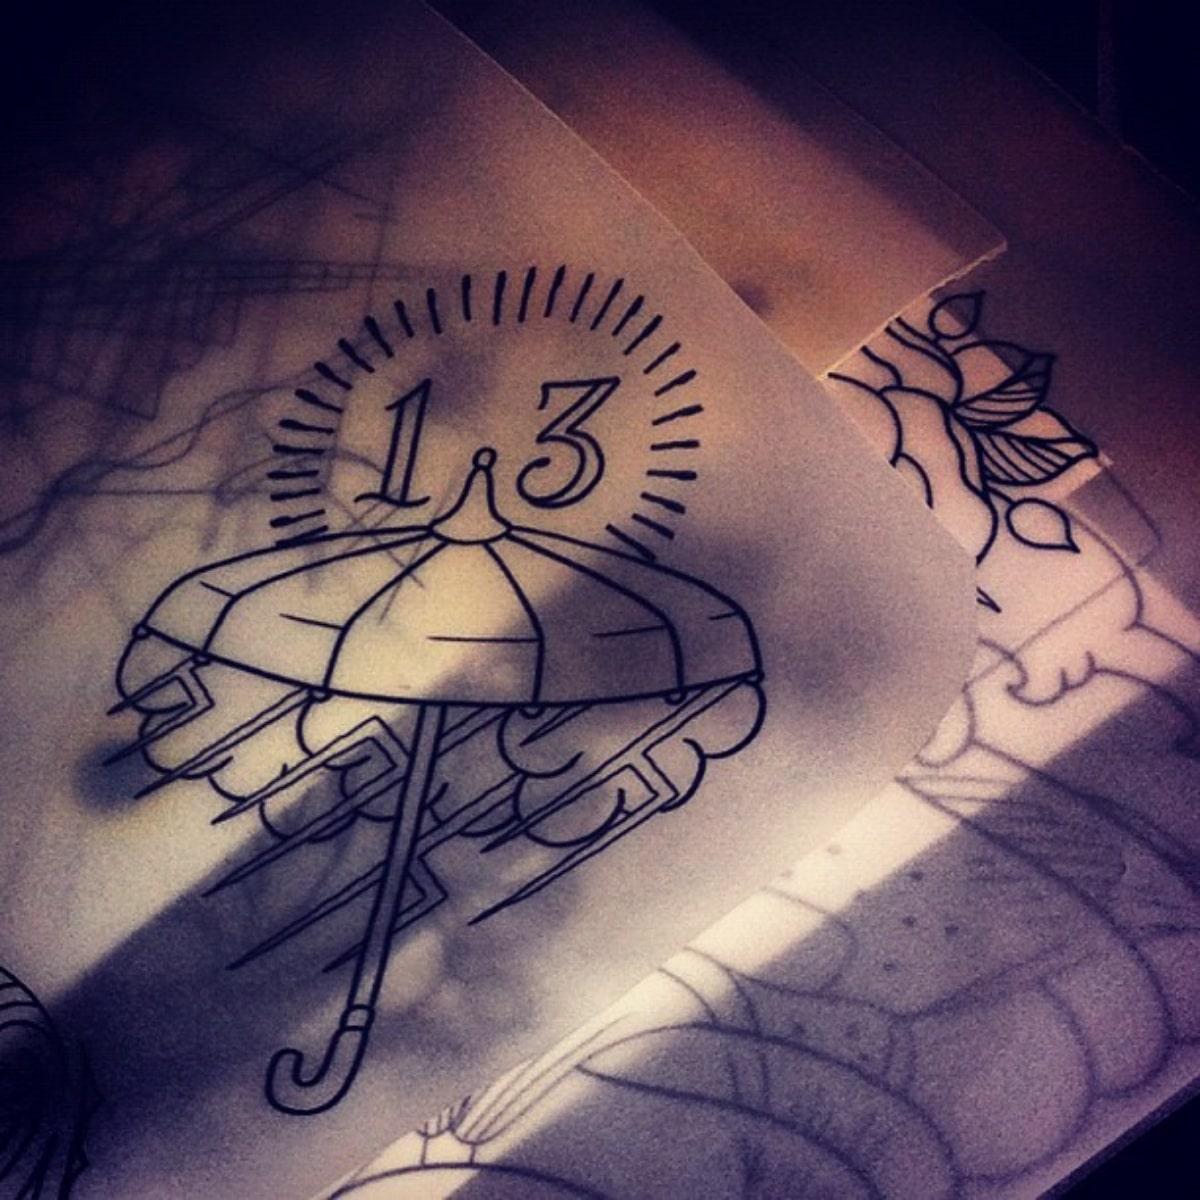 Diseño de tatuaje de paraguas